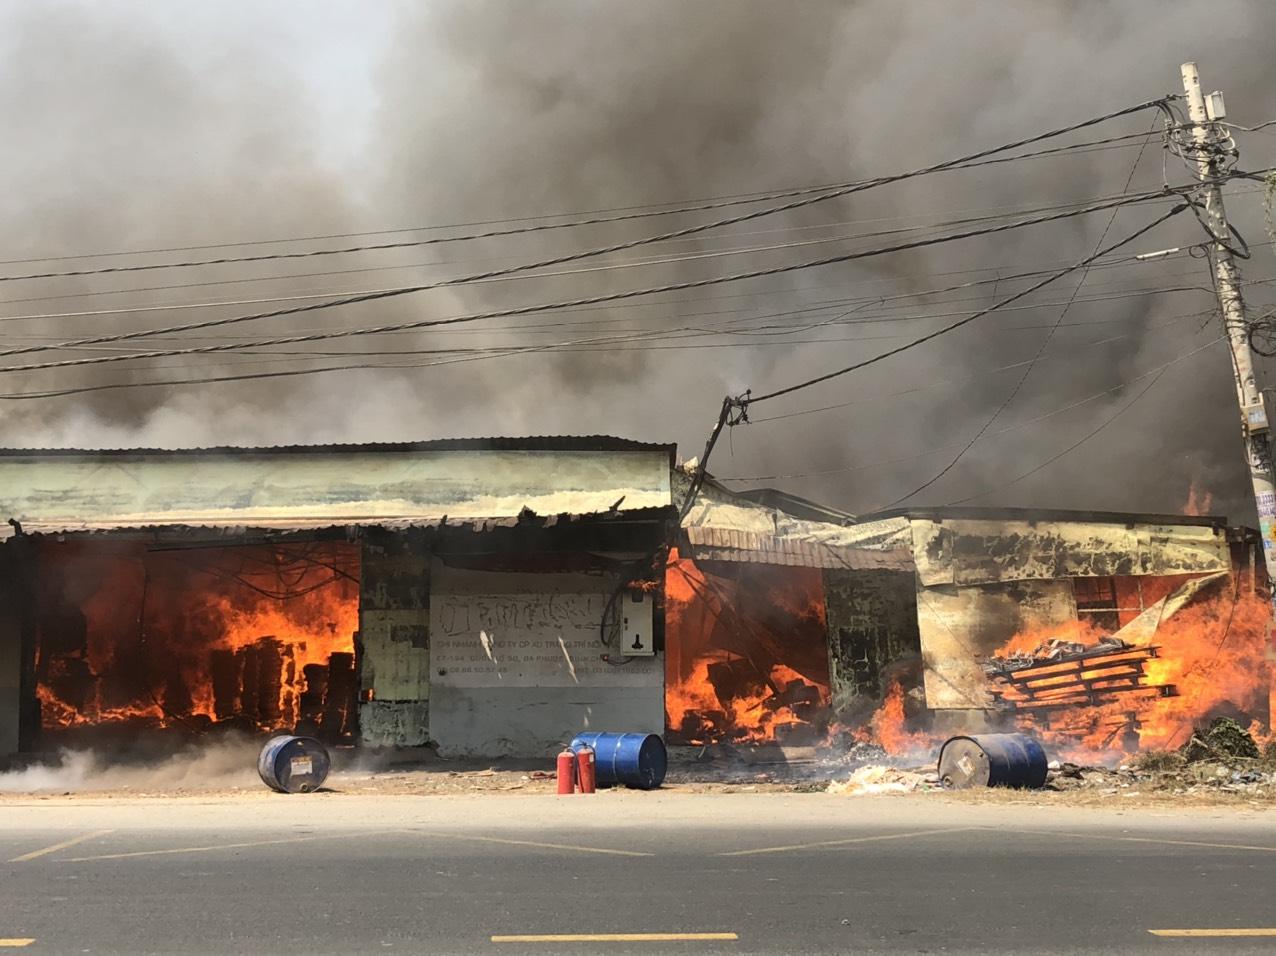 Khu xưởng bị ngọn lửa bao trùm giữa trời nắng gắt